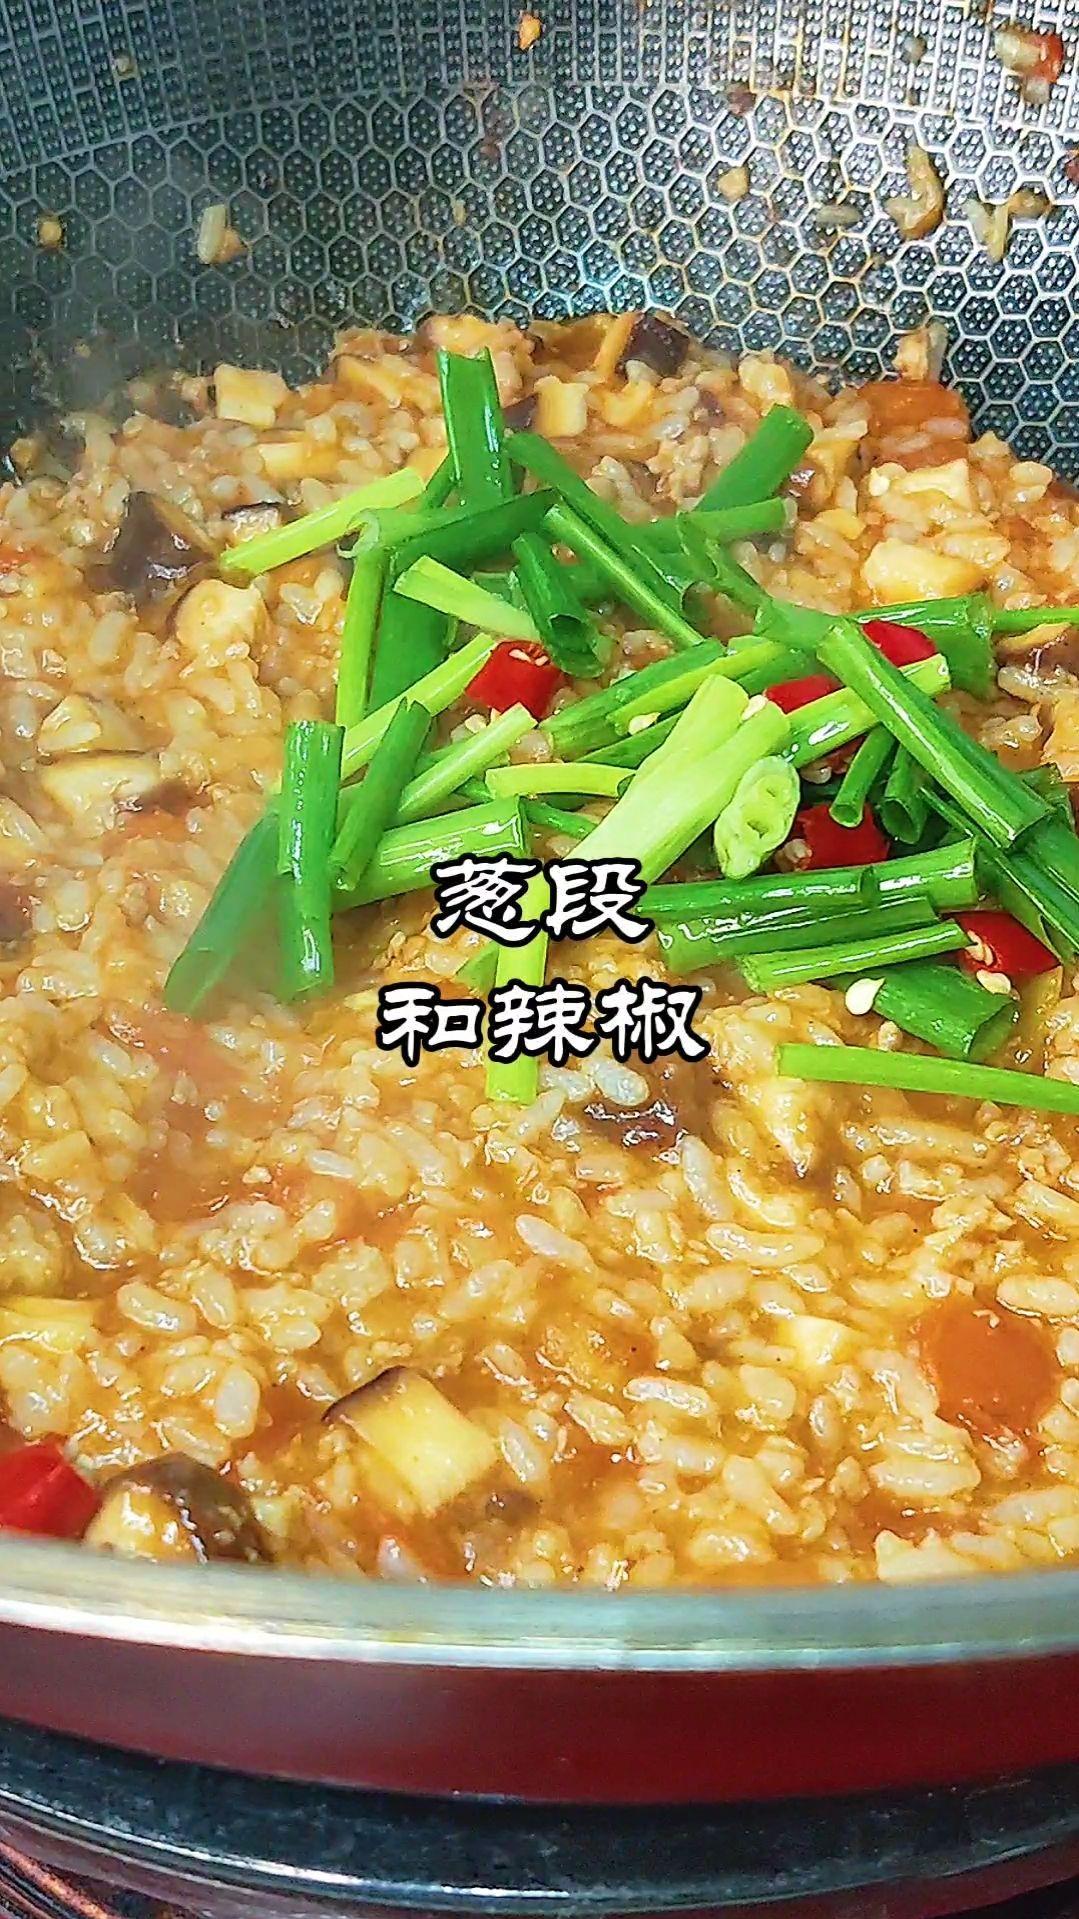 番茄肉酱焖米饭的家常做法